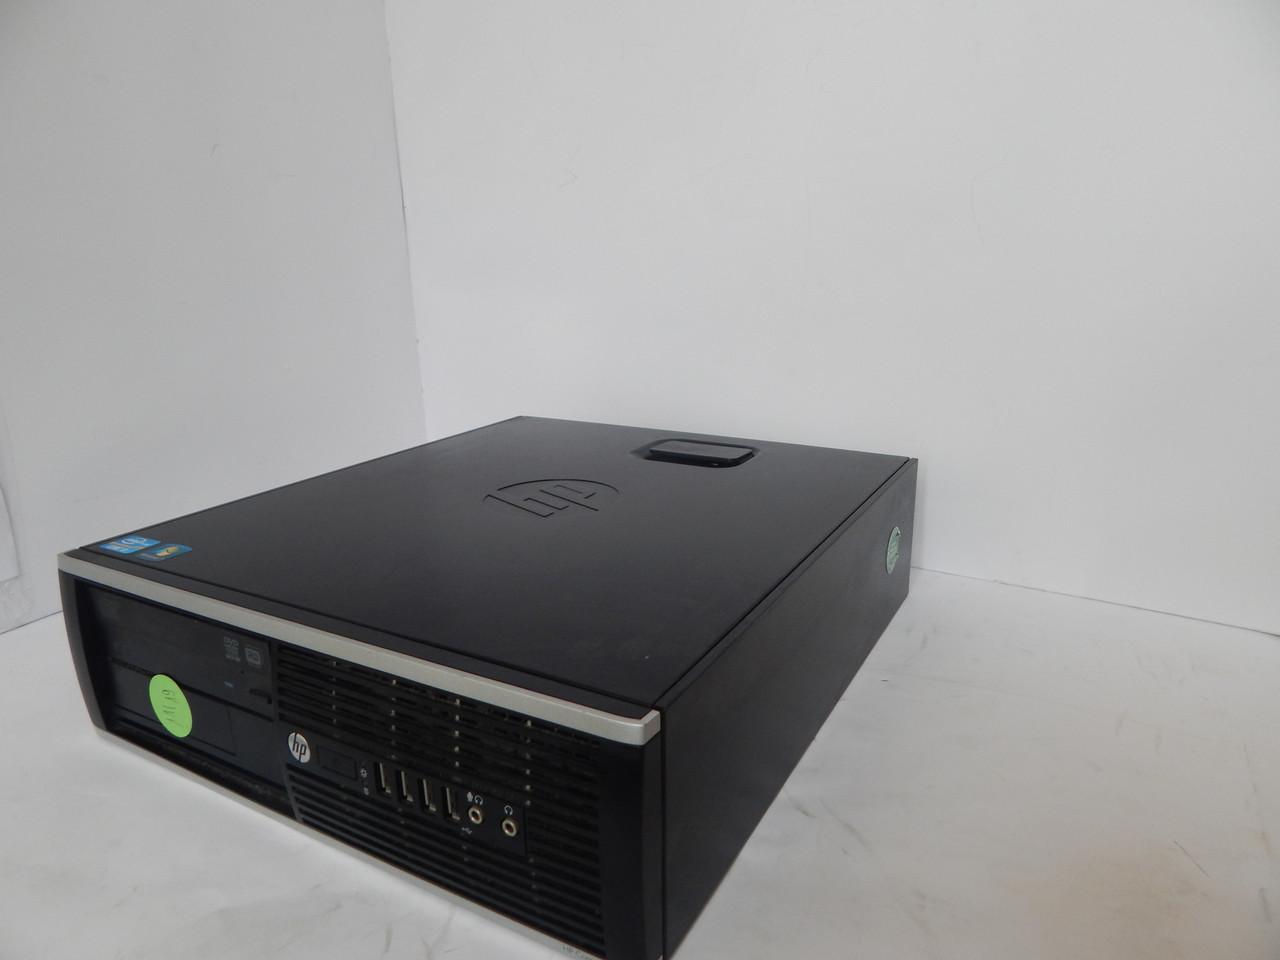 Системный блок HP 6200 sff Elite Intel G620 2.6 Ghz, 4Gb DDR3 1333, 250 Gb сокет 1155